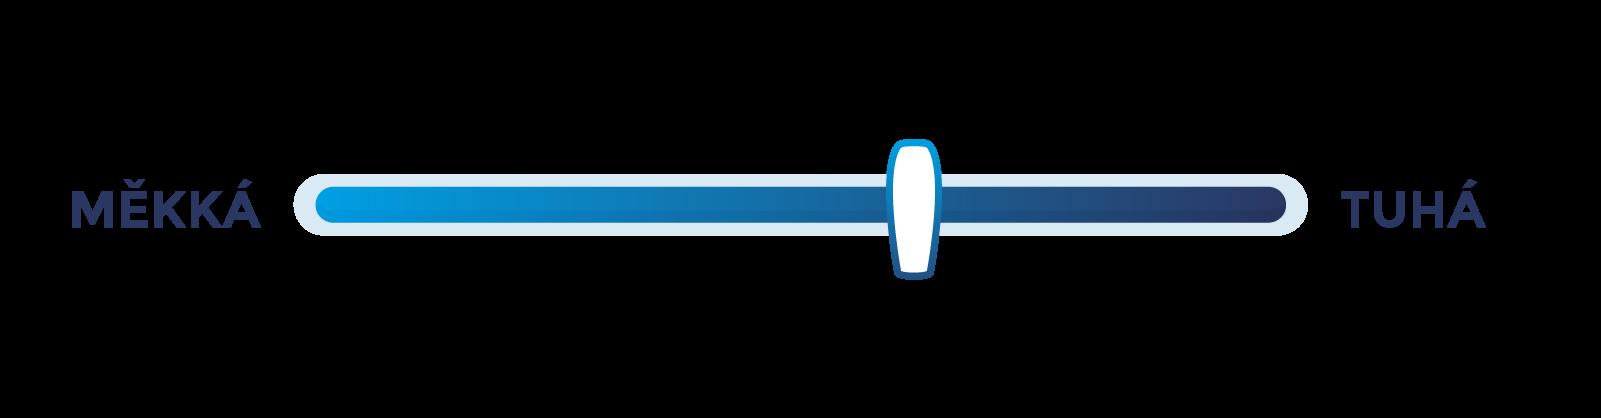 tuhost-matrace-skala-6